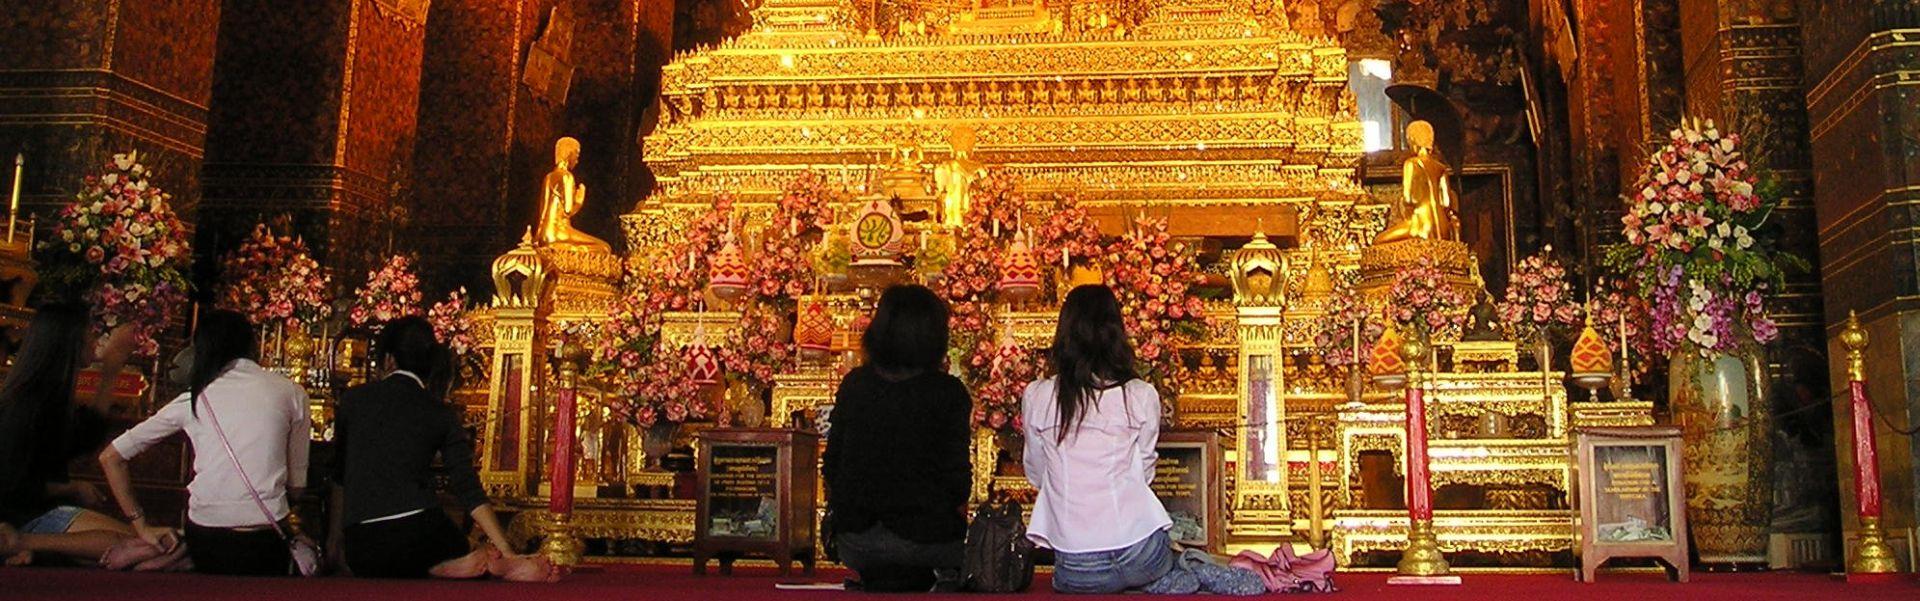 NAKON GODINU DANA PRIPREMA Počeo petodnevni pogreb tajlandskog kralja Bumibola